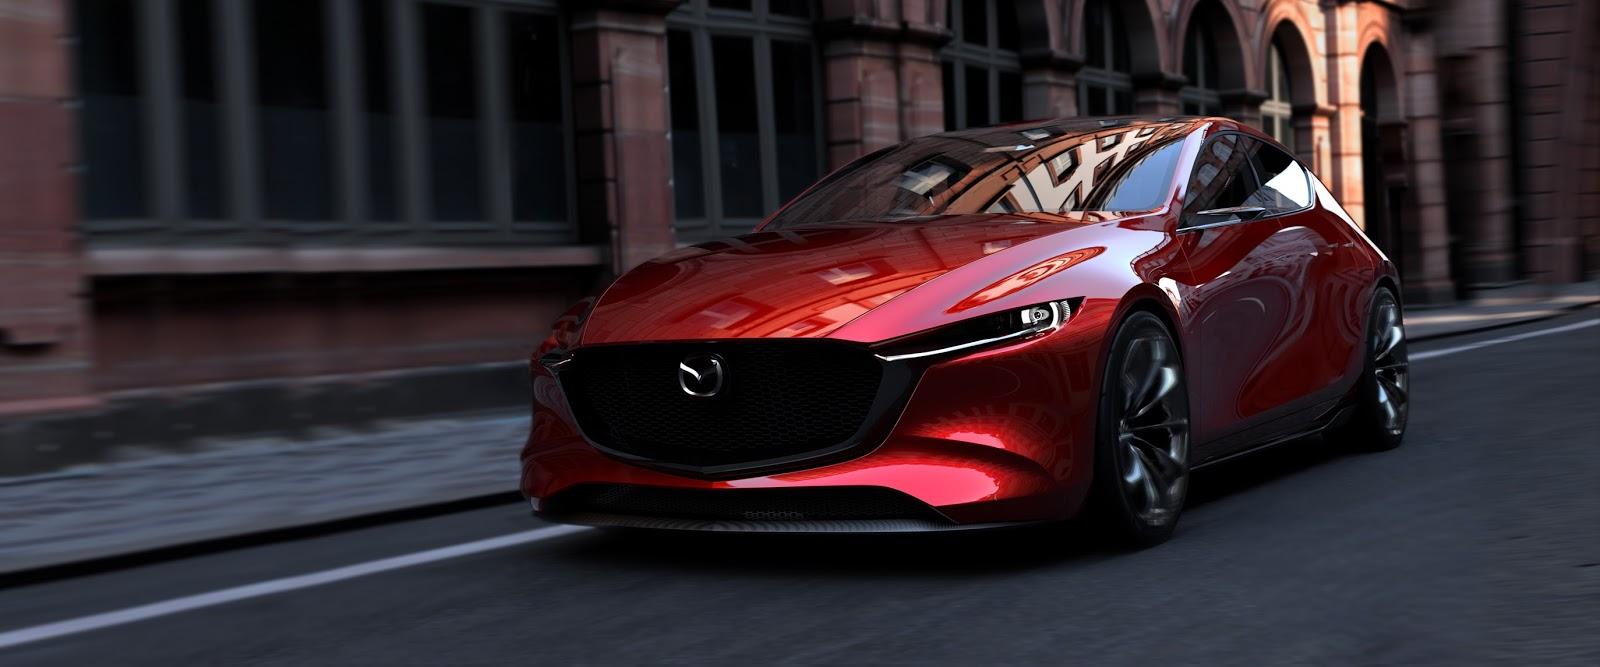 Mazda_Kai_Concept tokyo 2017 (37)